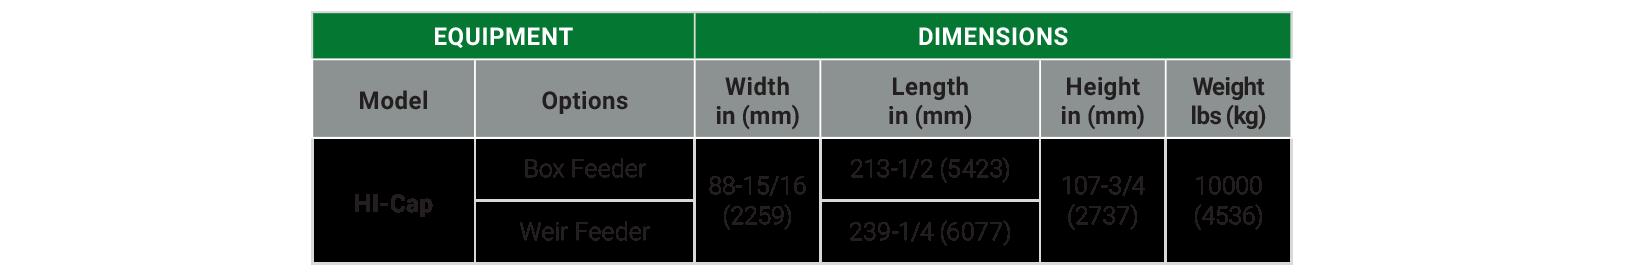 HI-Cap_Weights&Dims